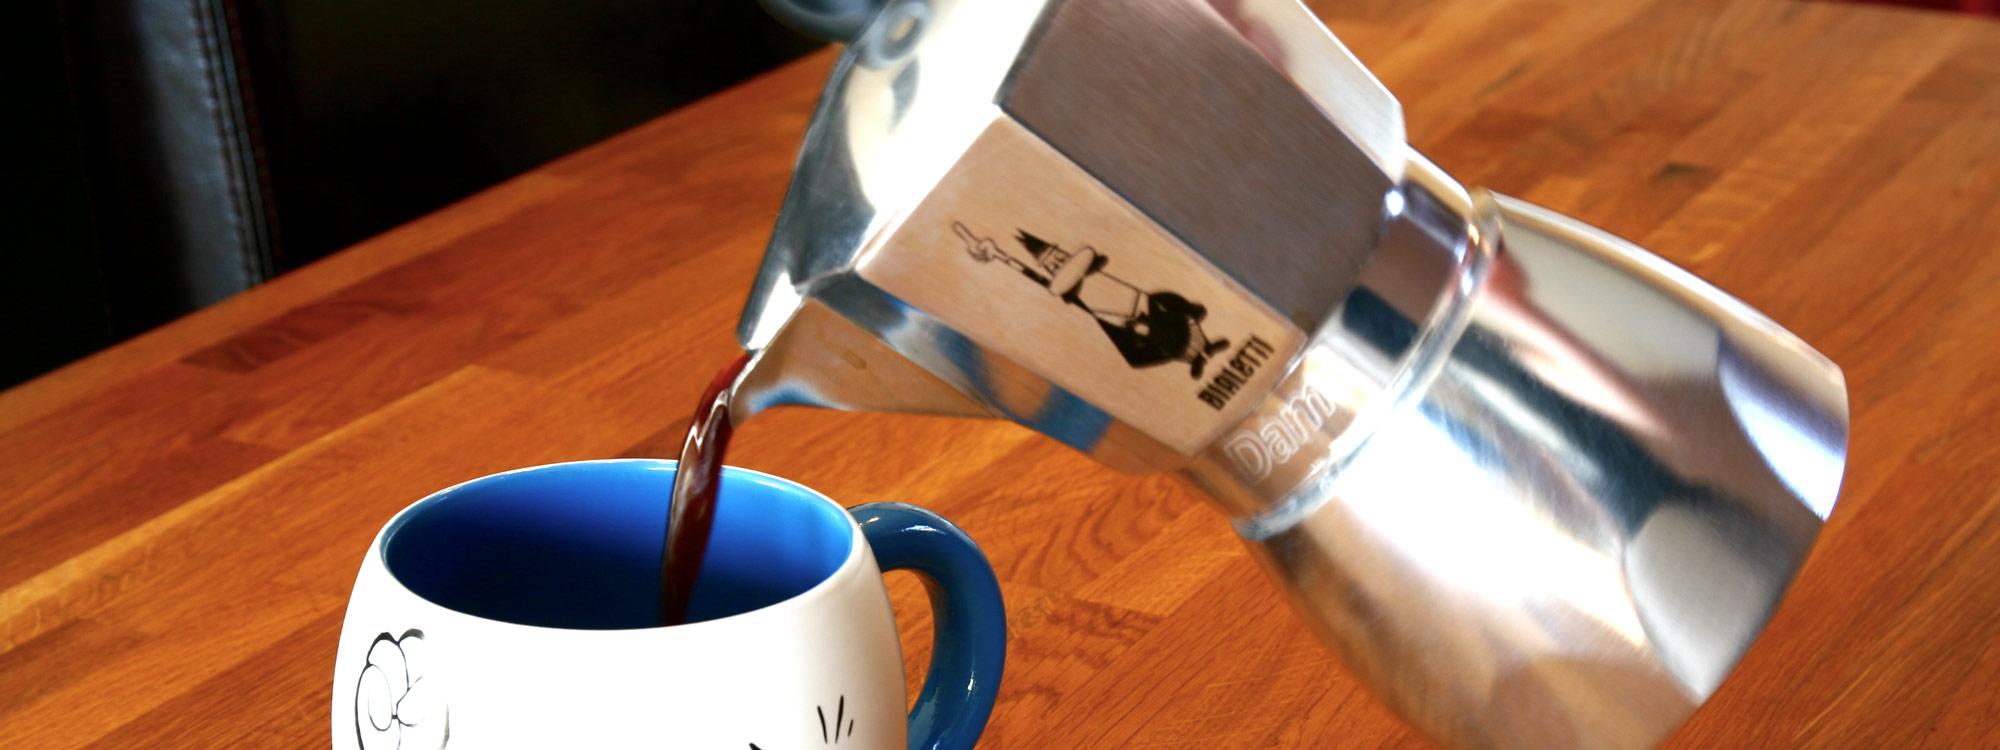 Brewing Methods - Moka Pot